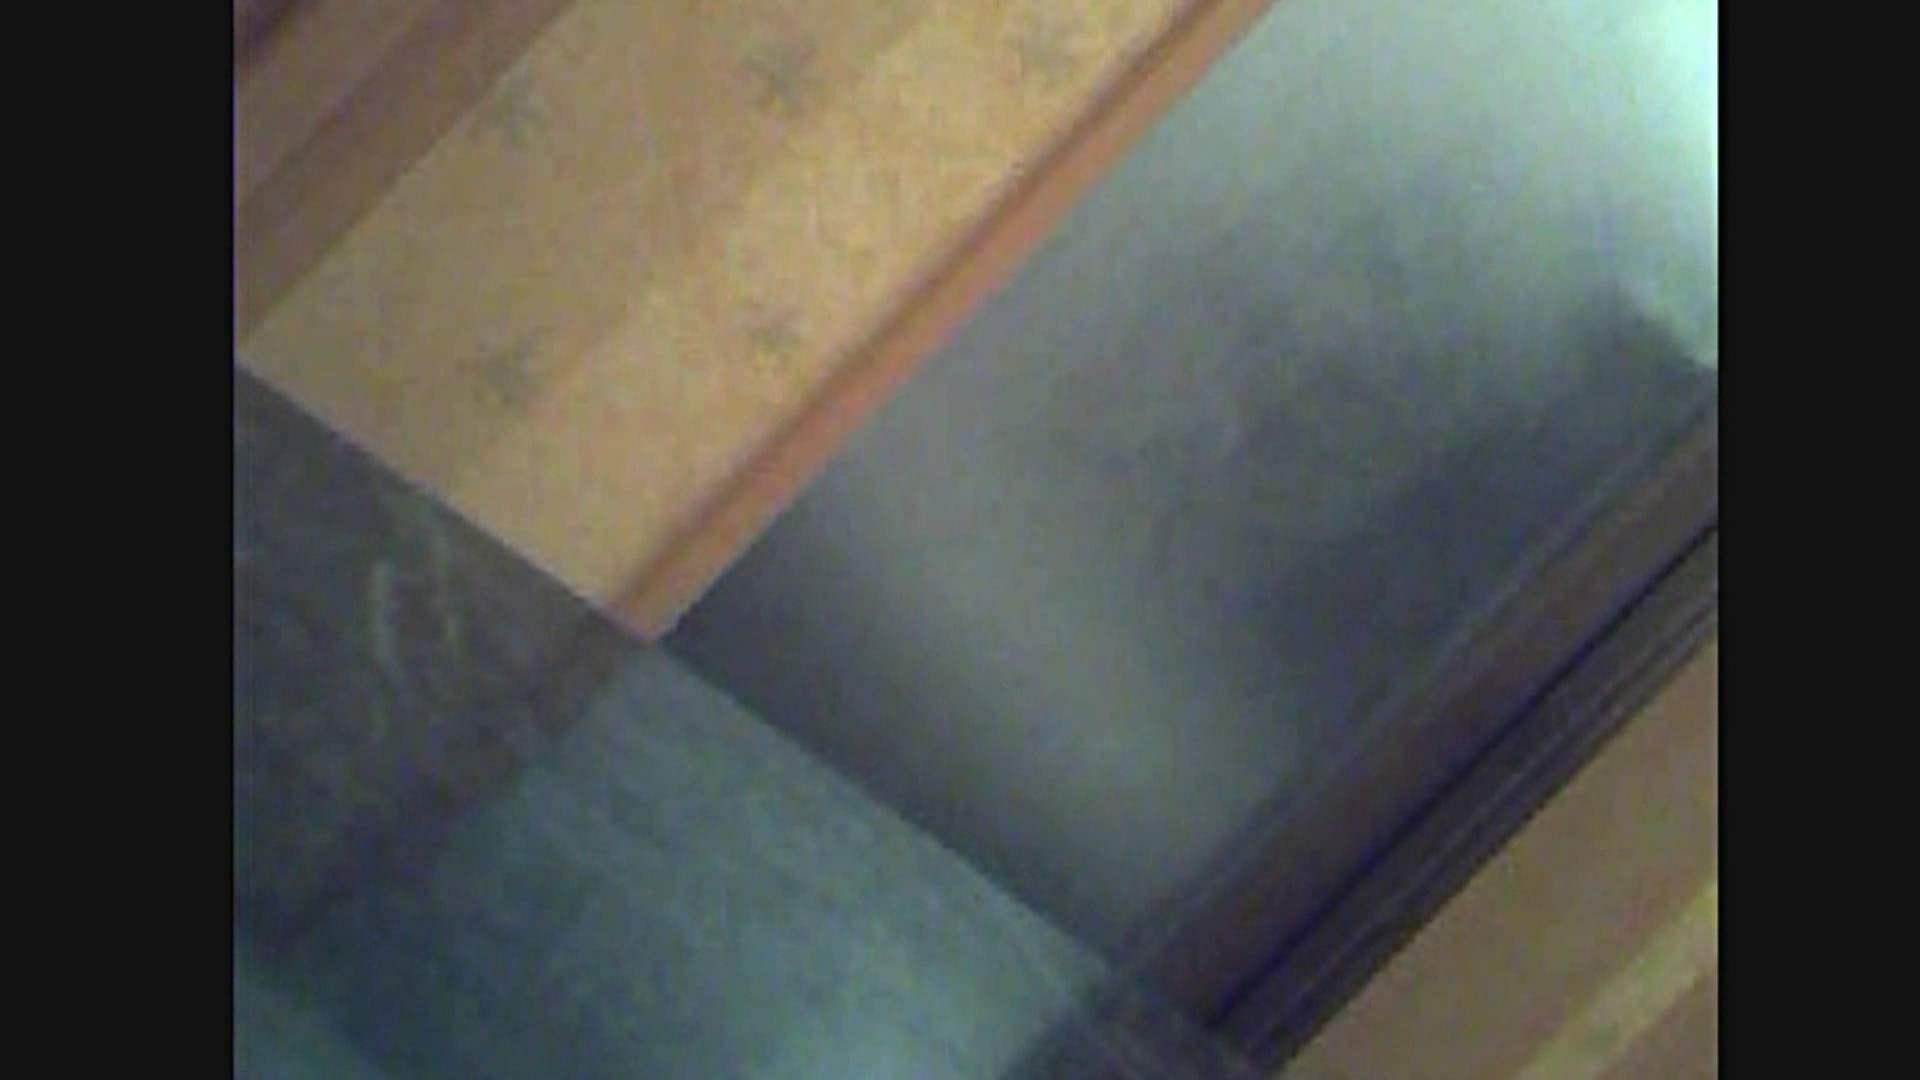 色白!!薬学科 ひろみちゃん  Vol.29 脱衣編 むっちりガール AV動画キャプチャ 108枚 59